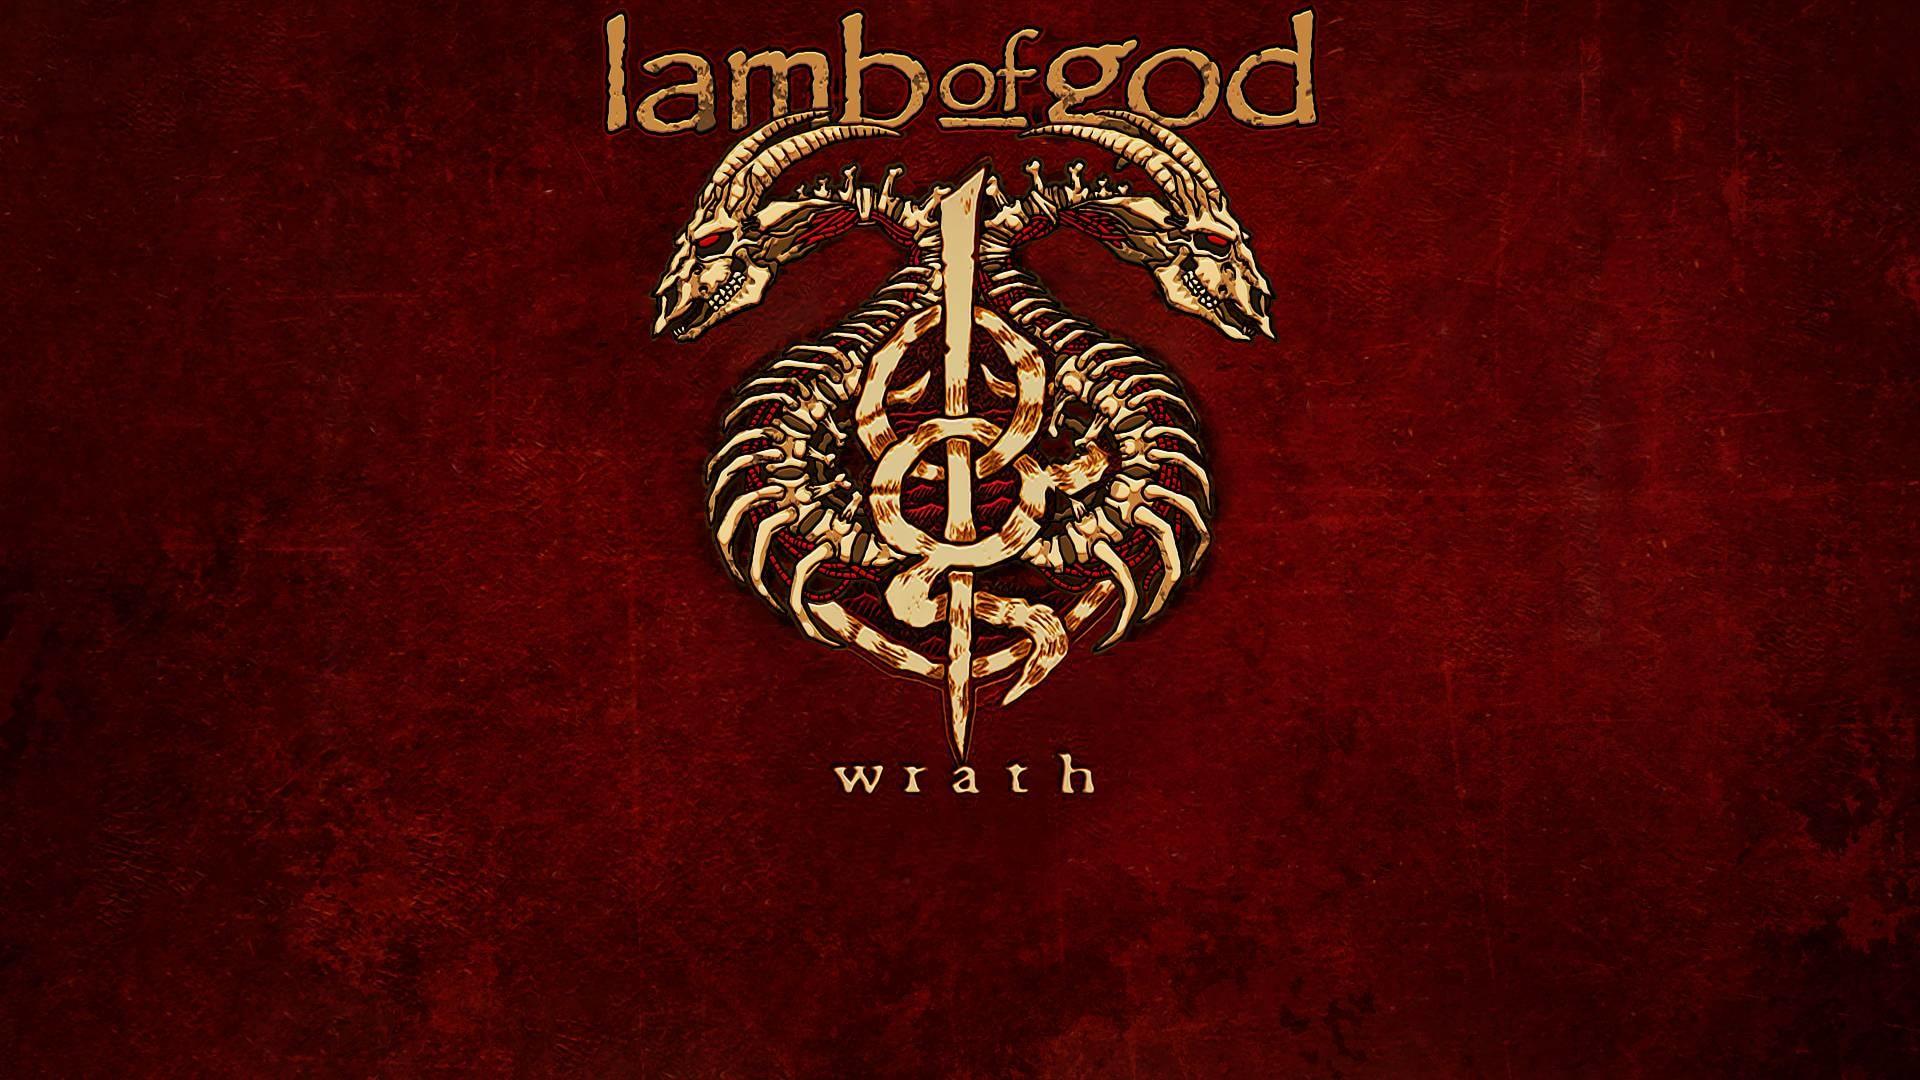 Lamb Of God Wallpaper - Lamb Of God Hd - HD Wallpaper